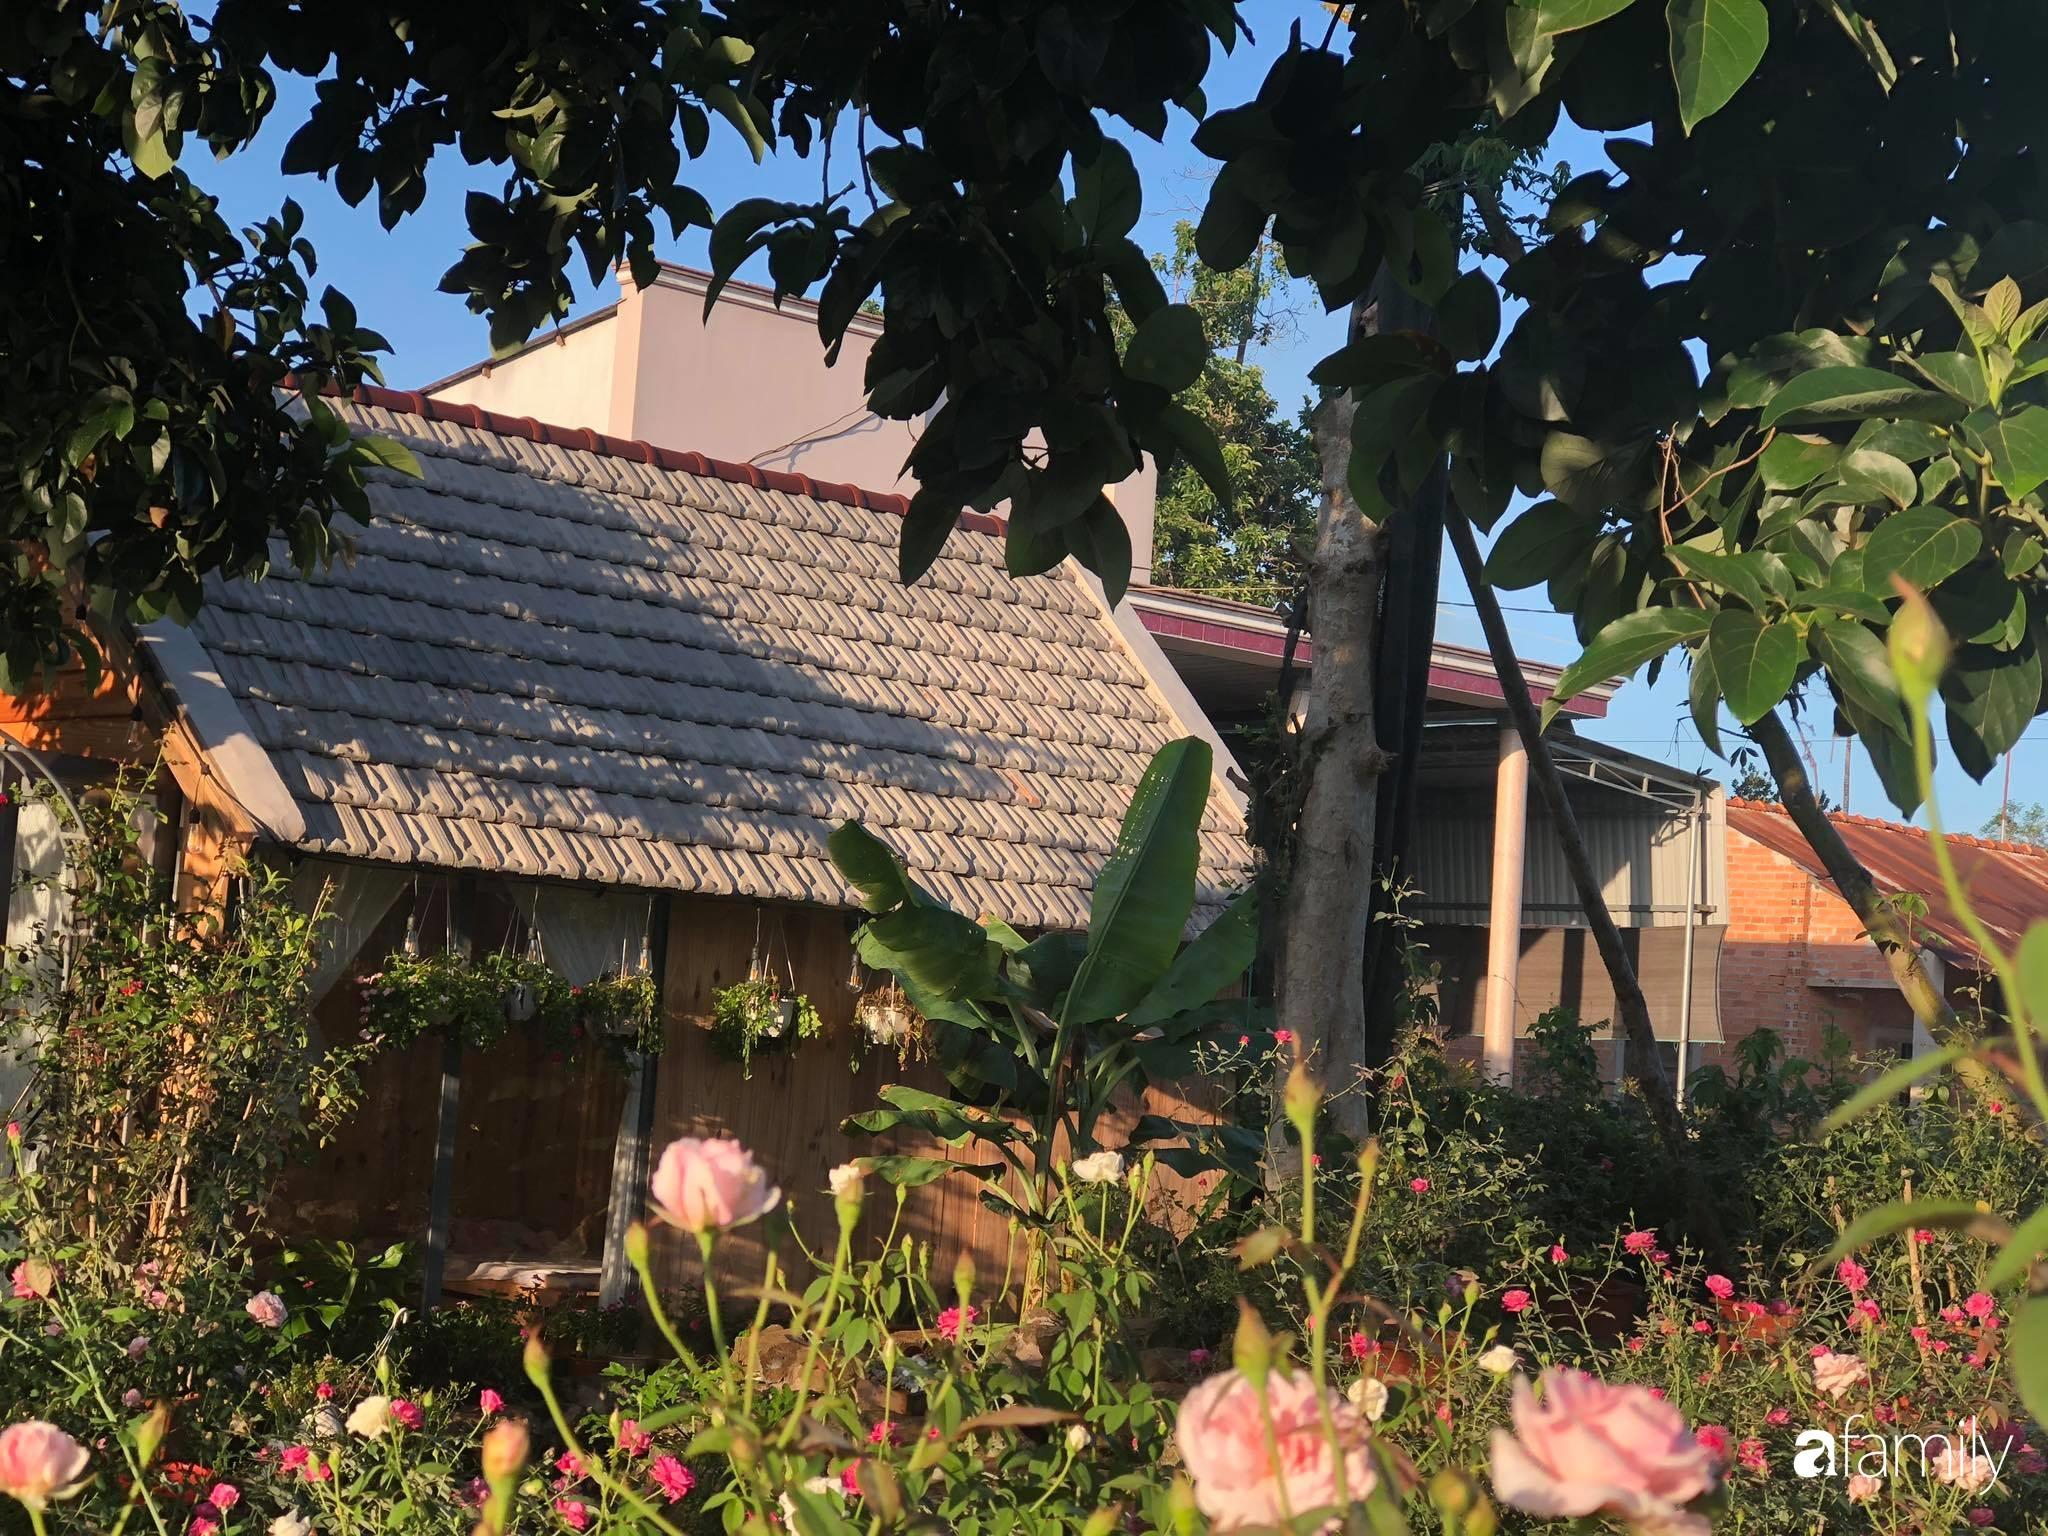 Khu vườn hoa hồng đẹp như cổ tích mà người chồng ngày đêm chăm sóc để tặng vợ con ở Vũng Tàu-18